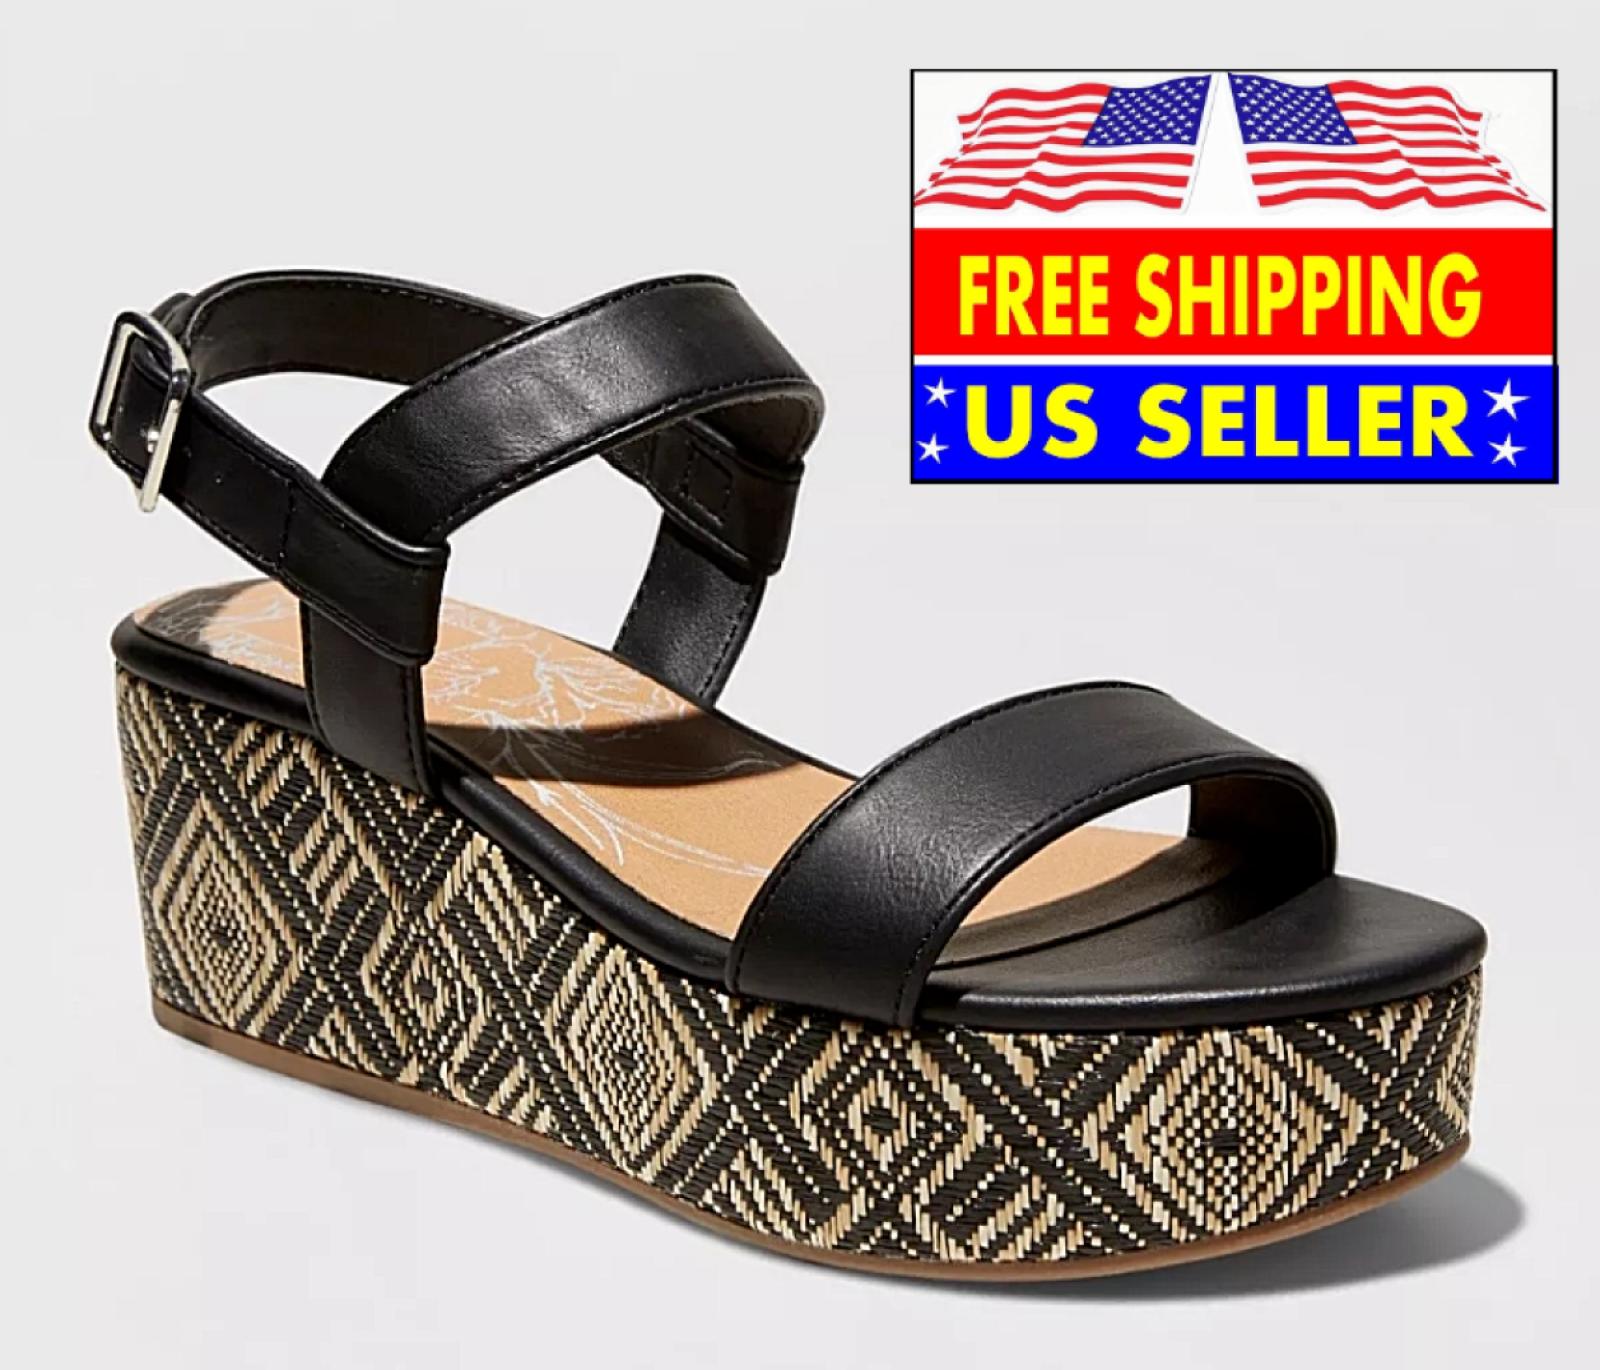 * DV Noir Brynn Compensé Talon Haut raphia Tribal Pattern Plateforme Sandale robe chaussure